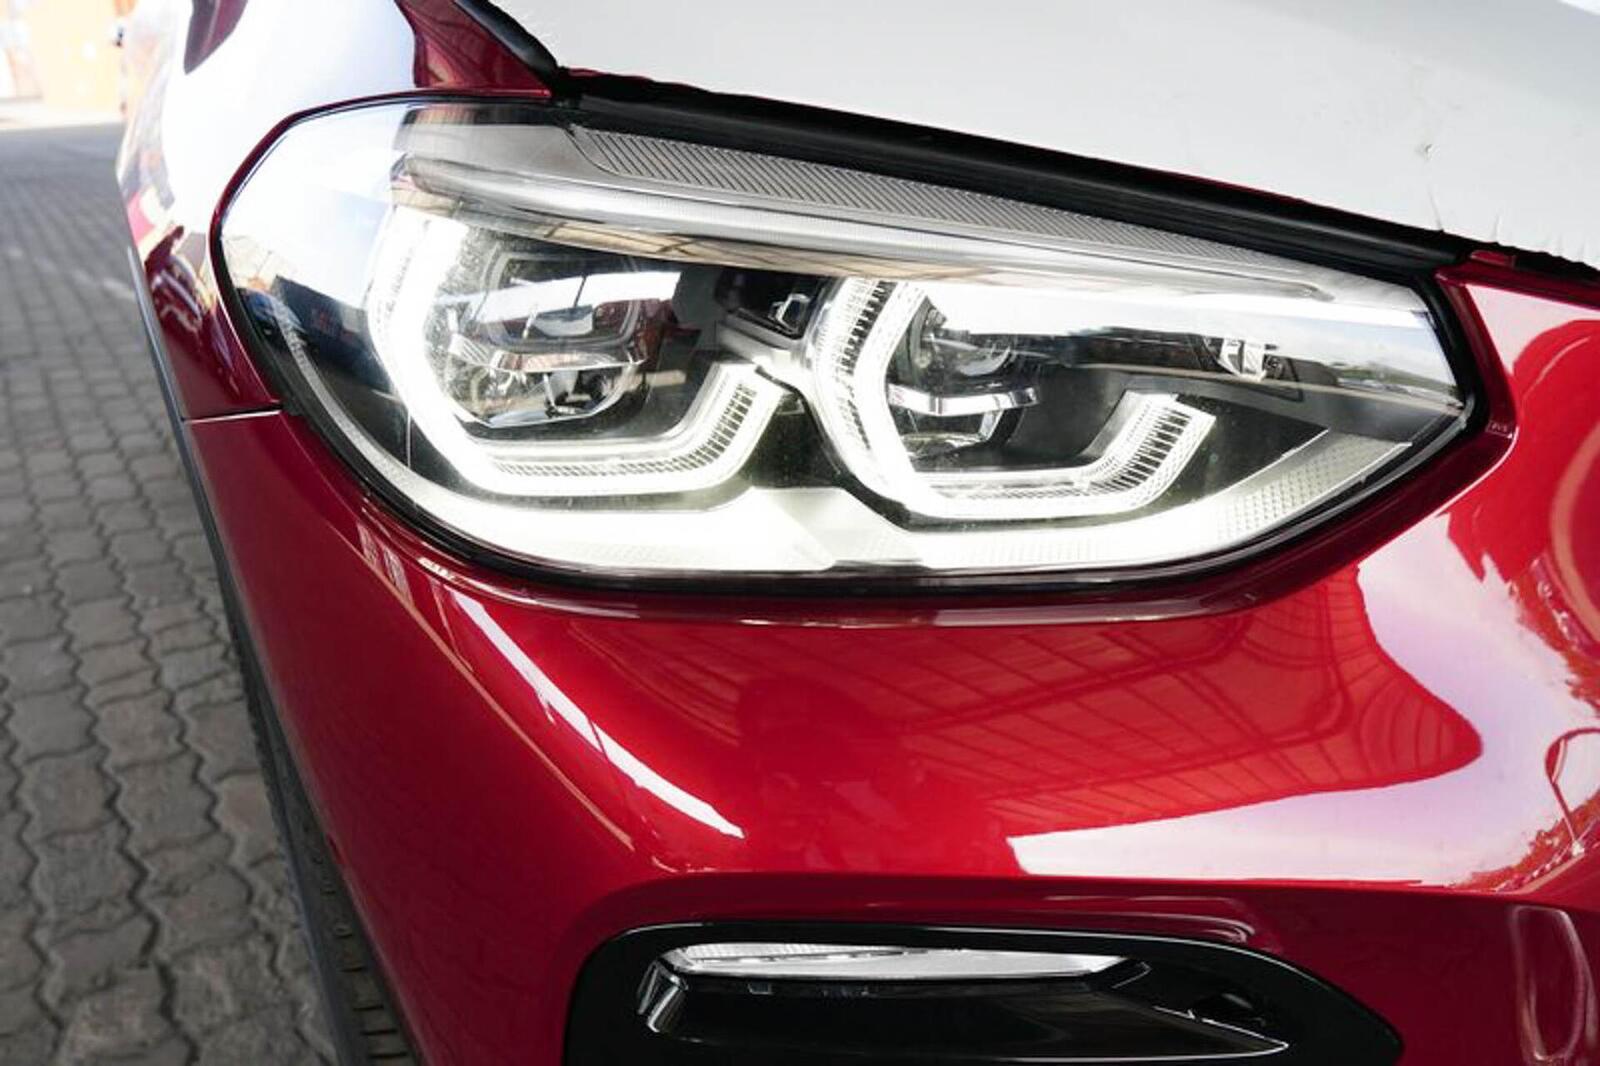 THACO đưa BMW X4 thế hệ mới về cảng; sắp sửa ra mắt; mời các bác dự đoán giá bán - Hình 4